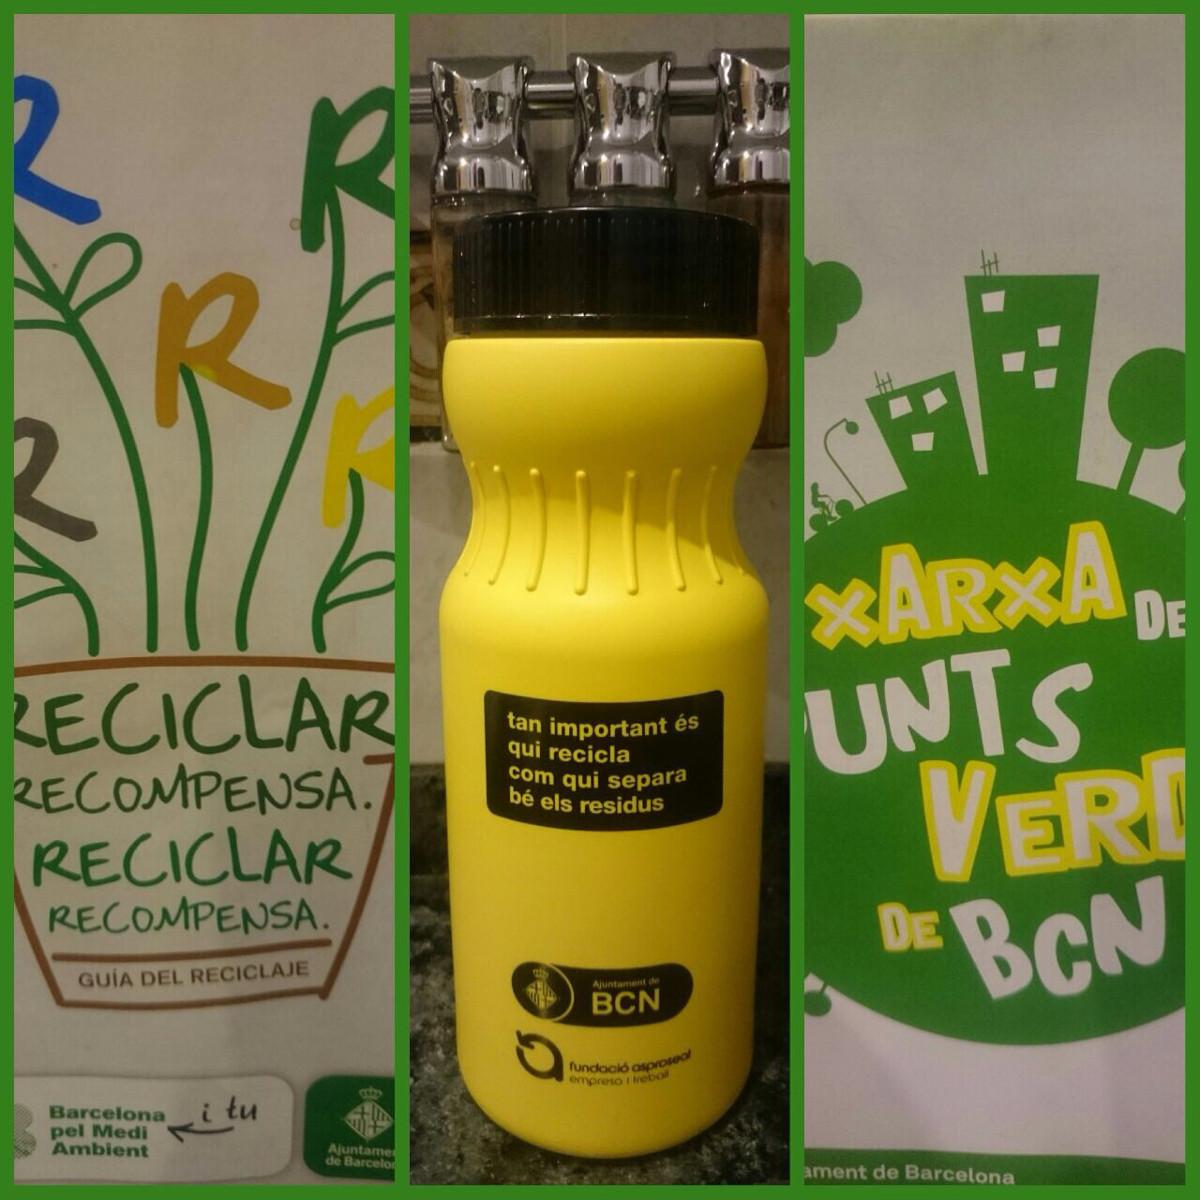 Reciclar l'oli és molt important!